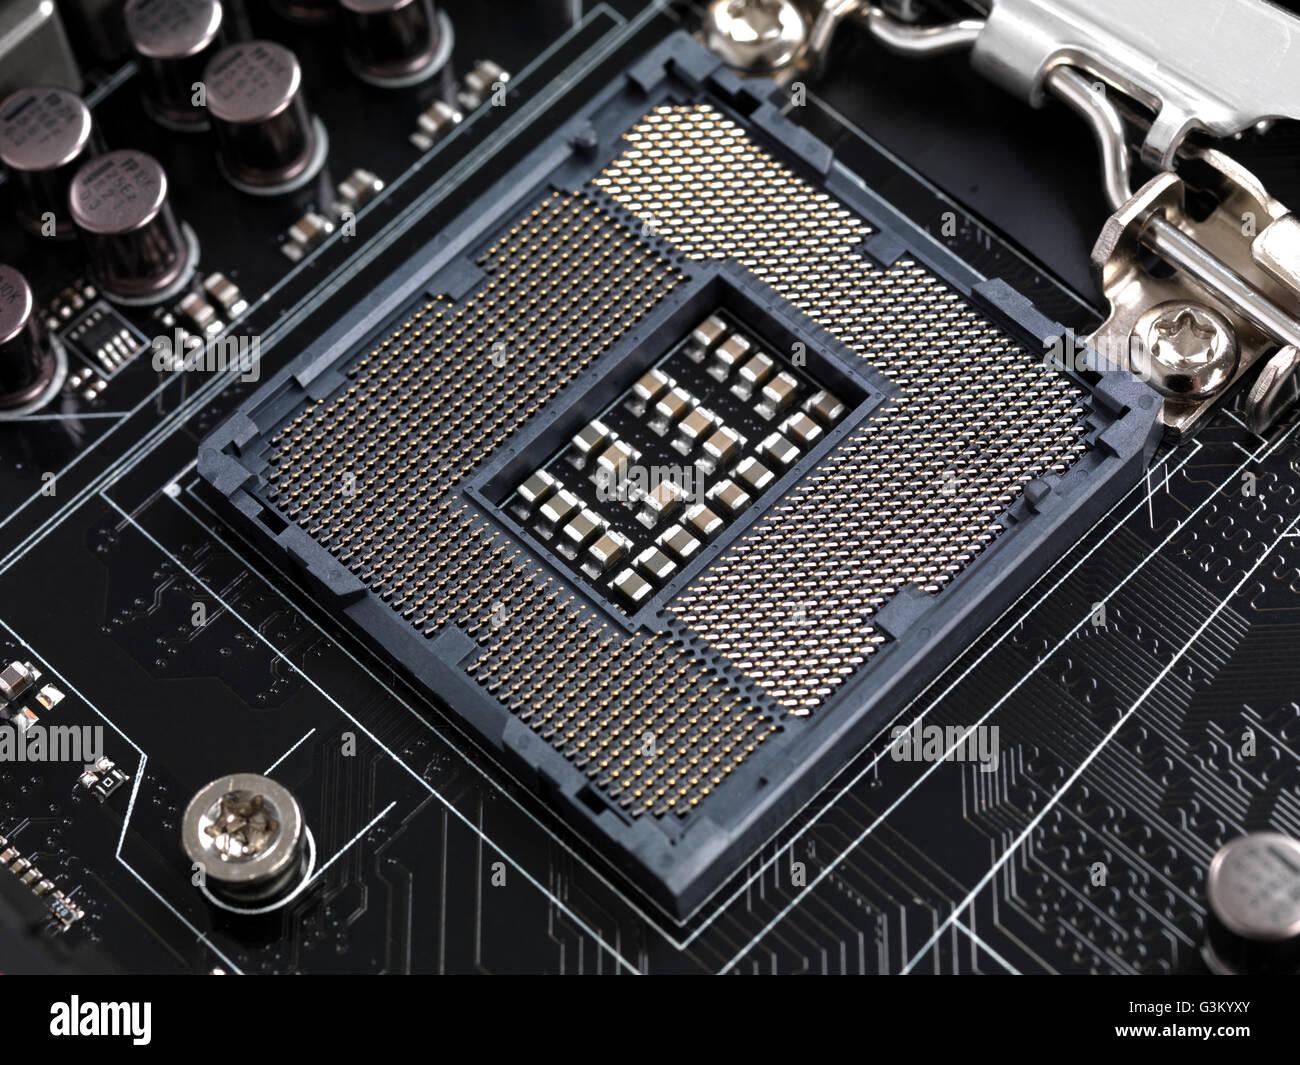 Computer motherboard CPU socket contacts Intel LGA 1155 - Stock Image